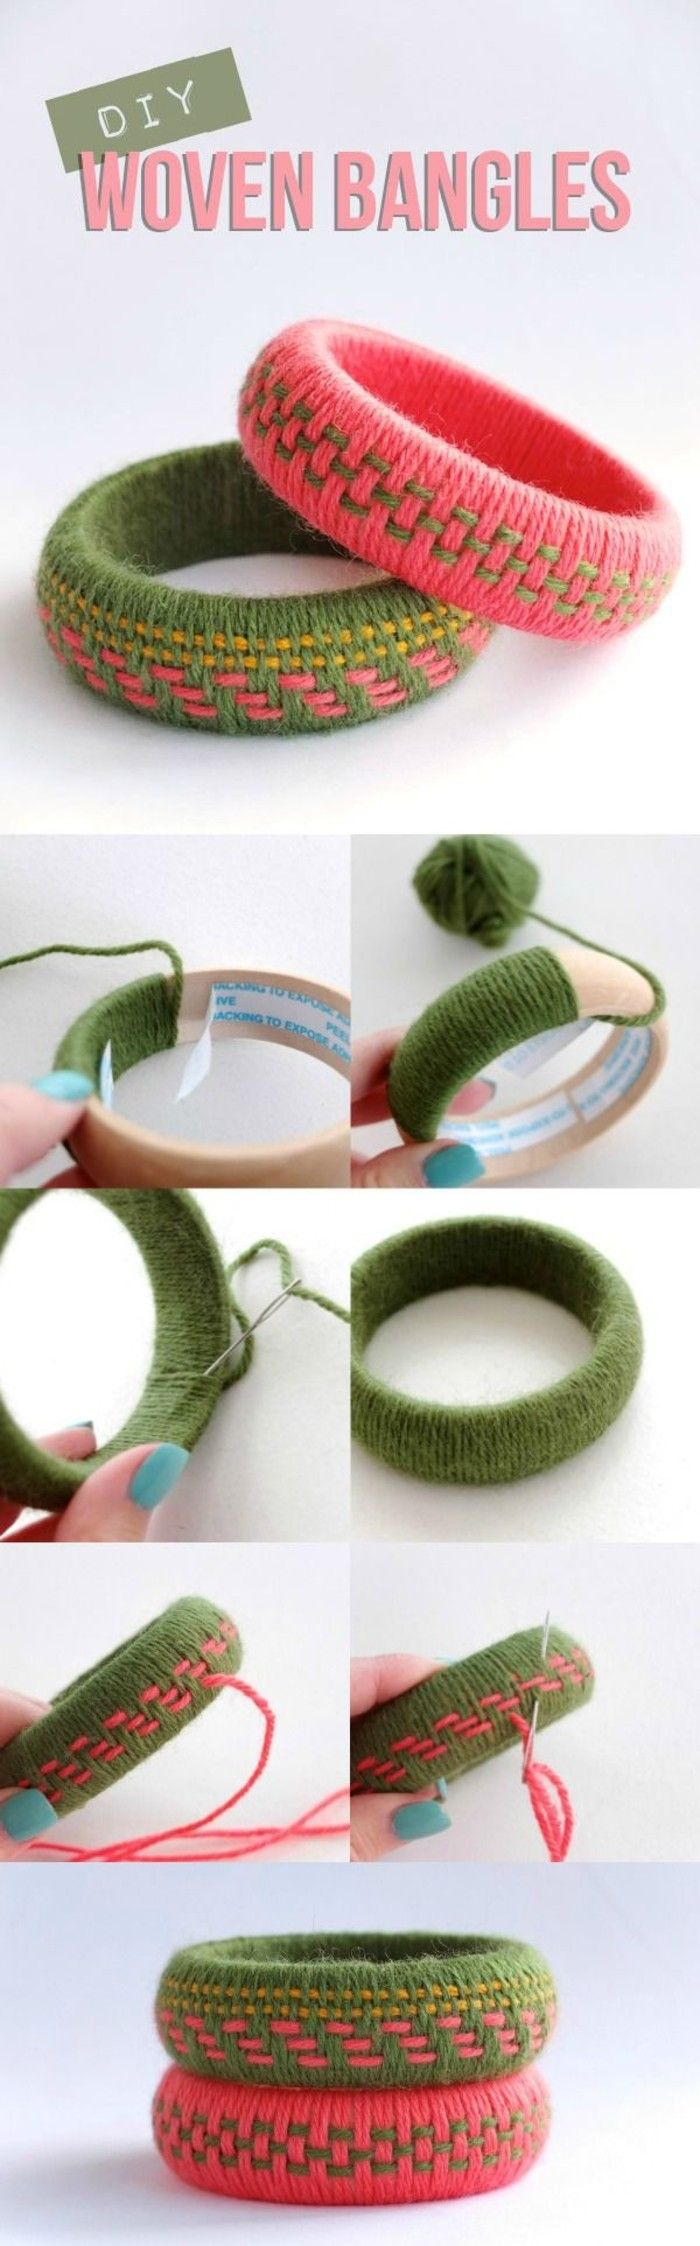 利用旧毛线制作自己喜欢的手镯